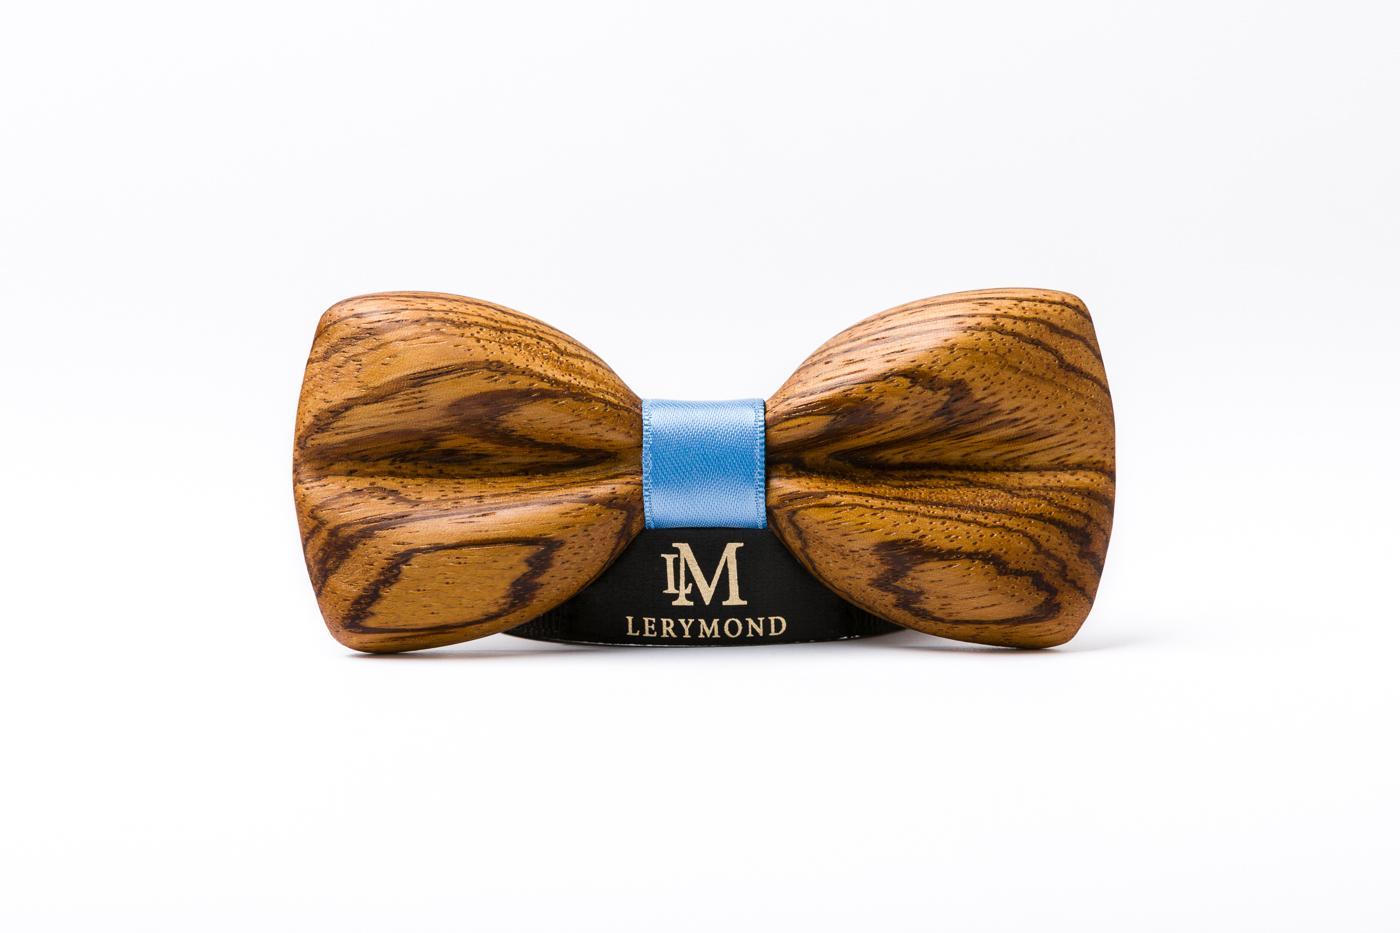 Muchy Lerymond są zaprojektowane i wytworzone w Polsce z najwyższej jakości naturalnego drewna. Każda mucha jest niepowtarzalna, jej kolor i rysunek zależy od użytego kawałka drewna. Jest wykonana trójwymiarowo przez co jest cienka i wyjątkowo lekka. Ręczne szlifowanie sprawiło, że jest idealnie gładka w dotyku. Dodatkowo zabezpieczona jest olejem. Każda mucha jest zapakowana w ekskluzywne pudełko. W celu dopasowania do państwa potrzeb prosimy wybrać kolor wstążki.